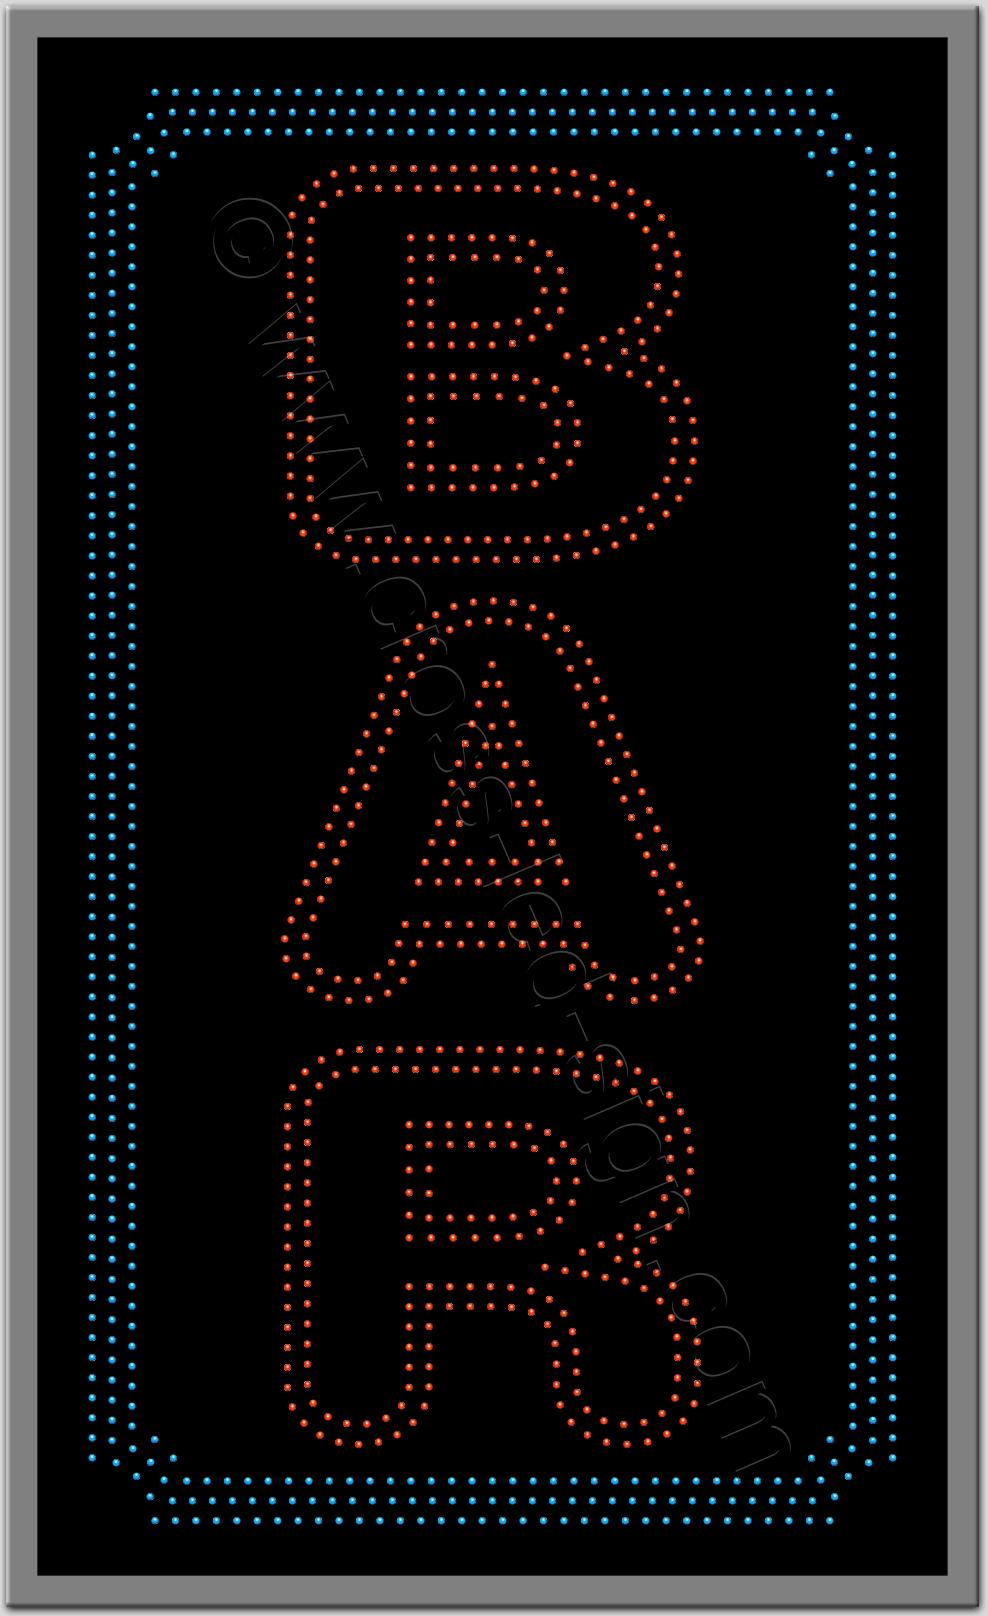 Μεγάλη κατακόρυφη επιγραφή led για bar.